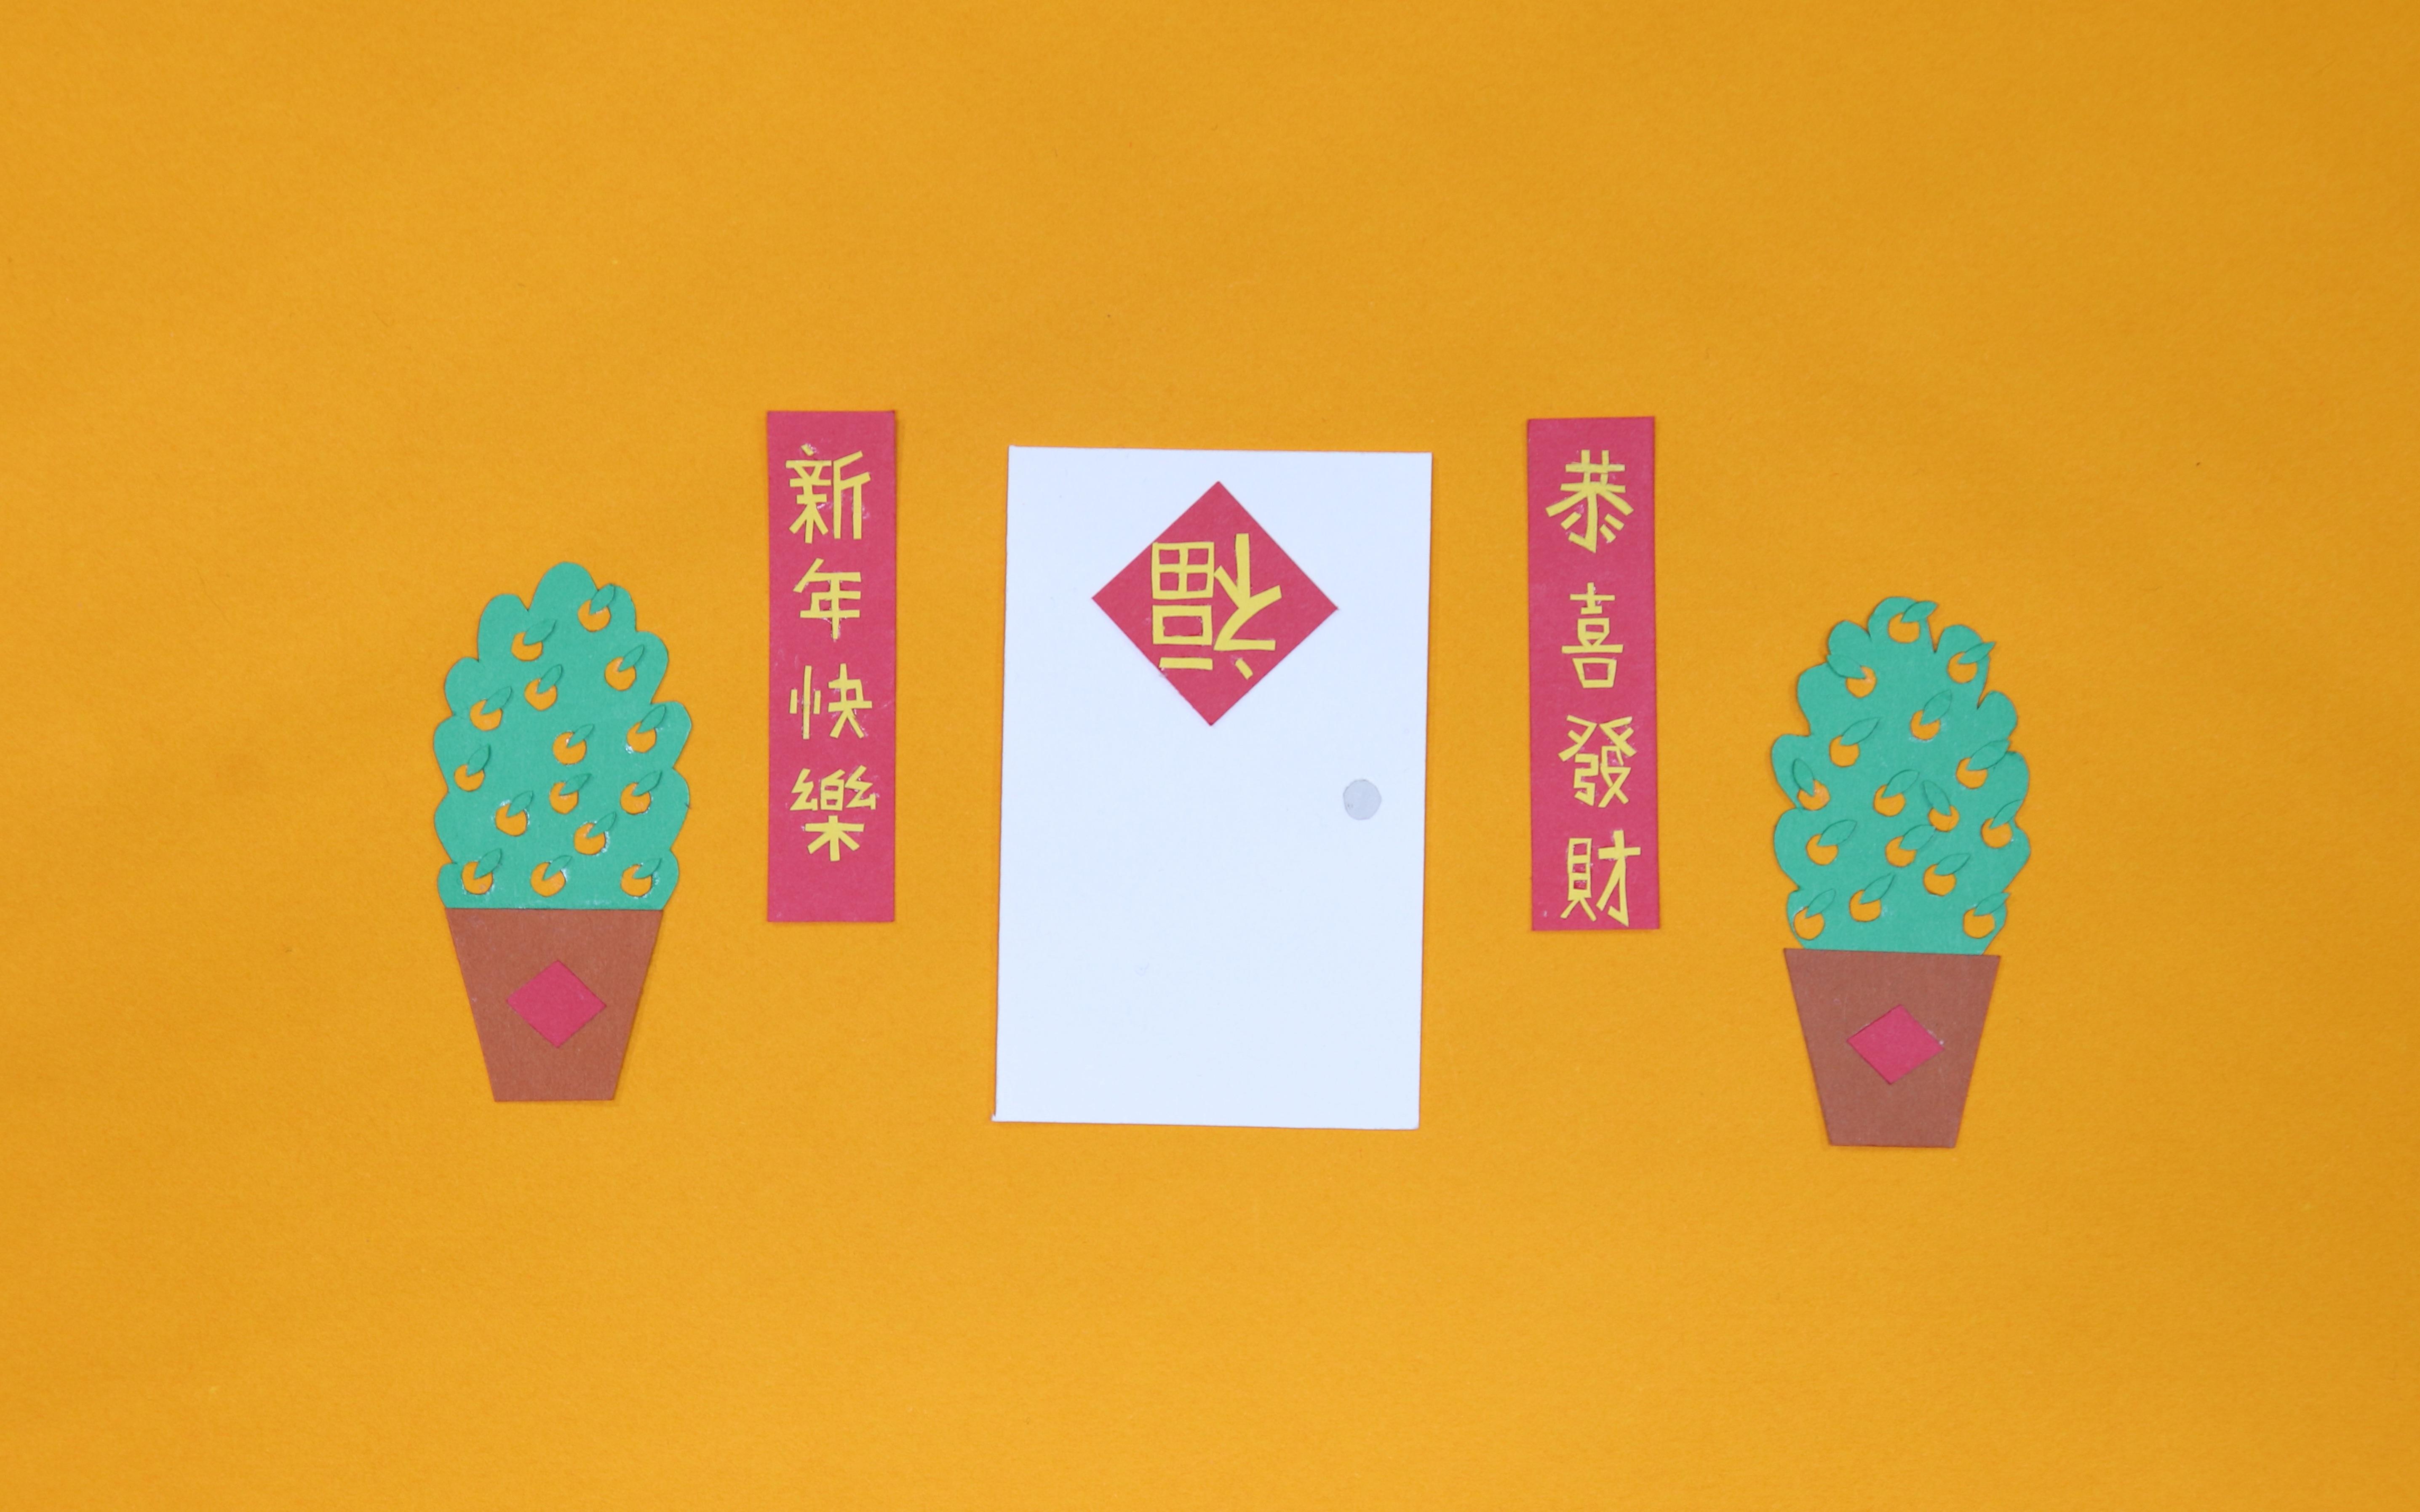 定格动画 - 农历新年快乐图片